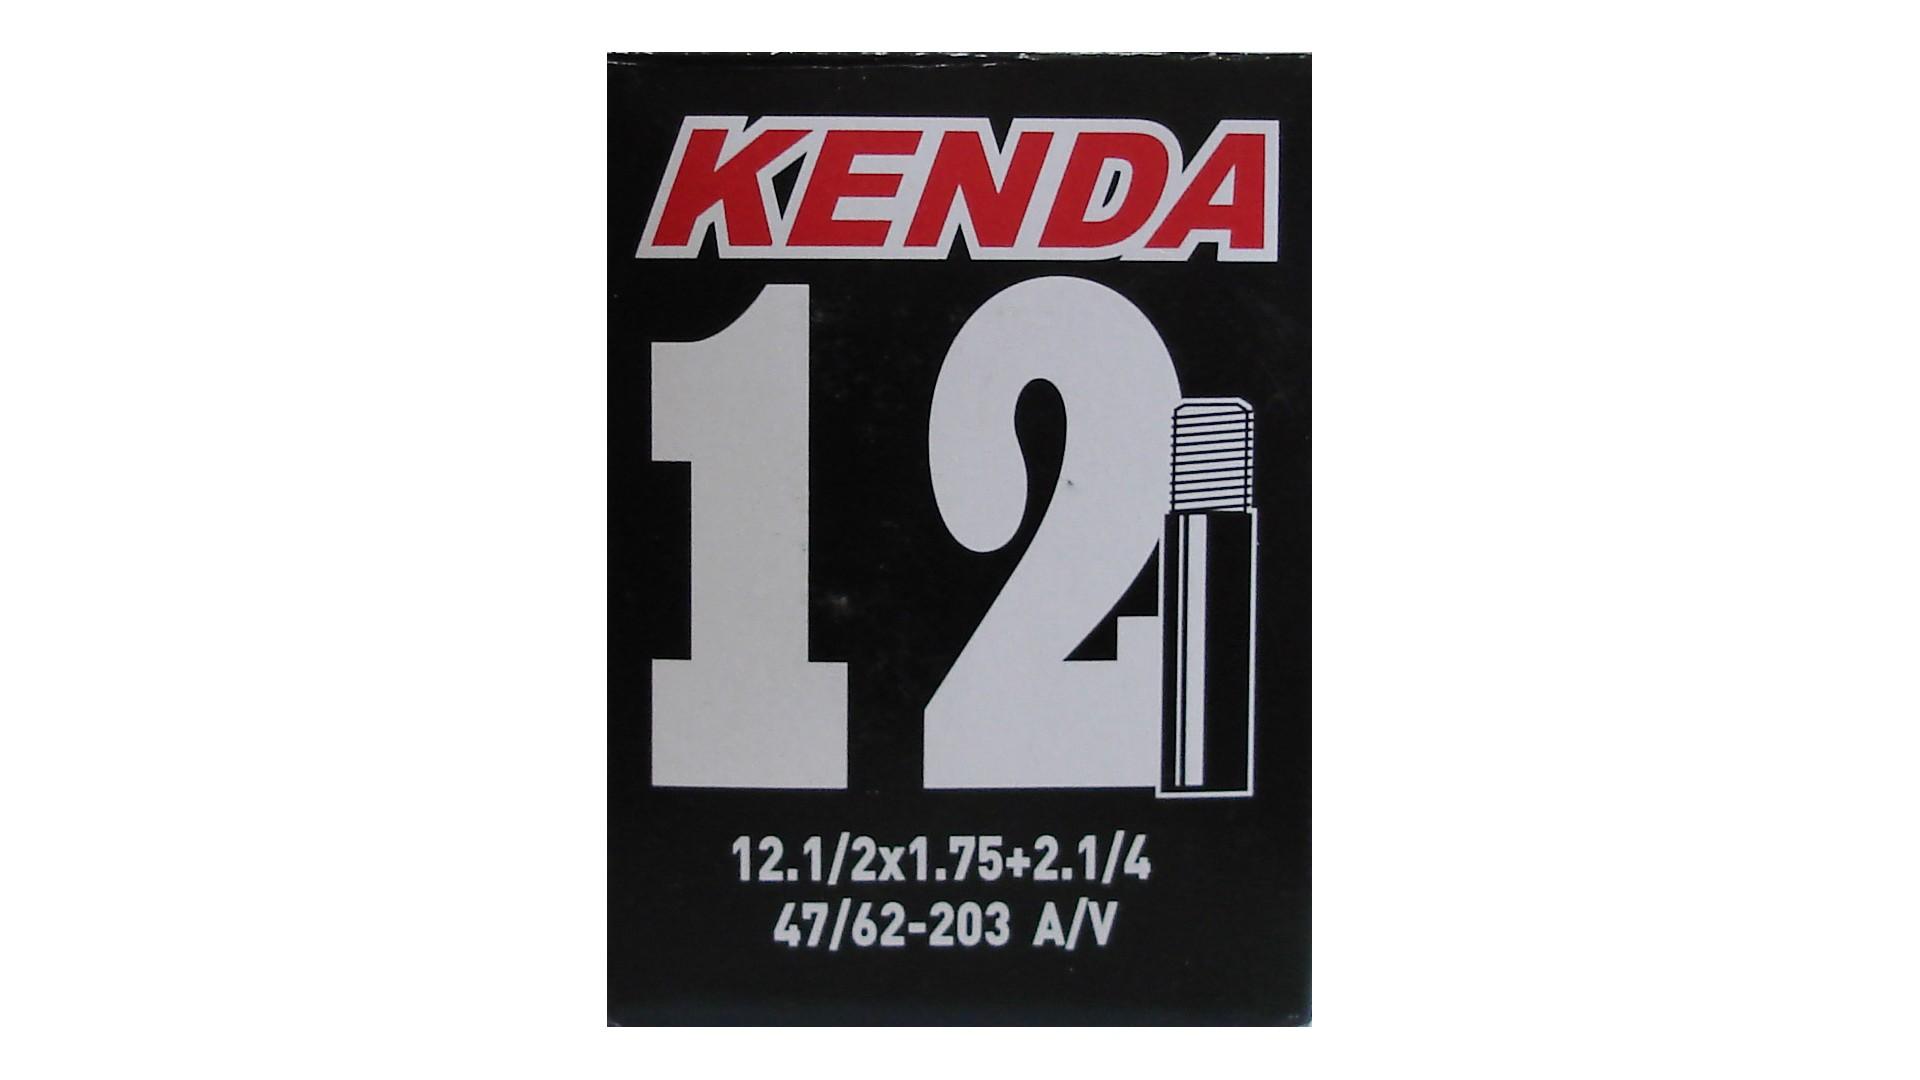 Камера KENDA 12 1/2x1.75+2 1/4 AV, в коробке